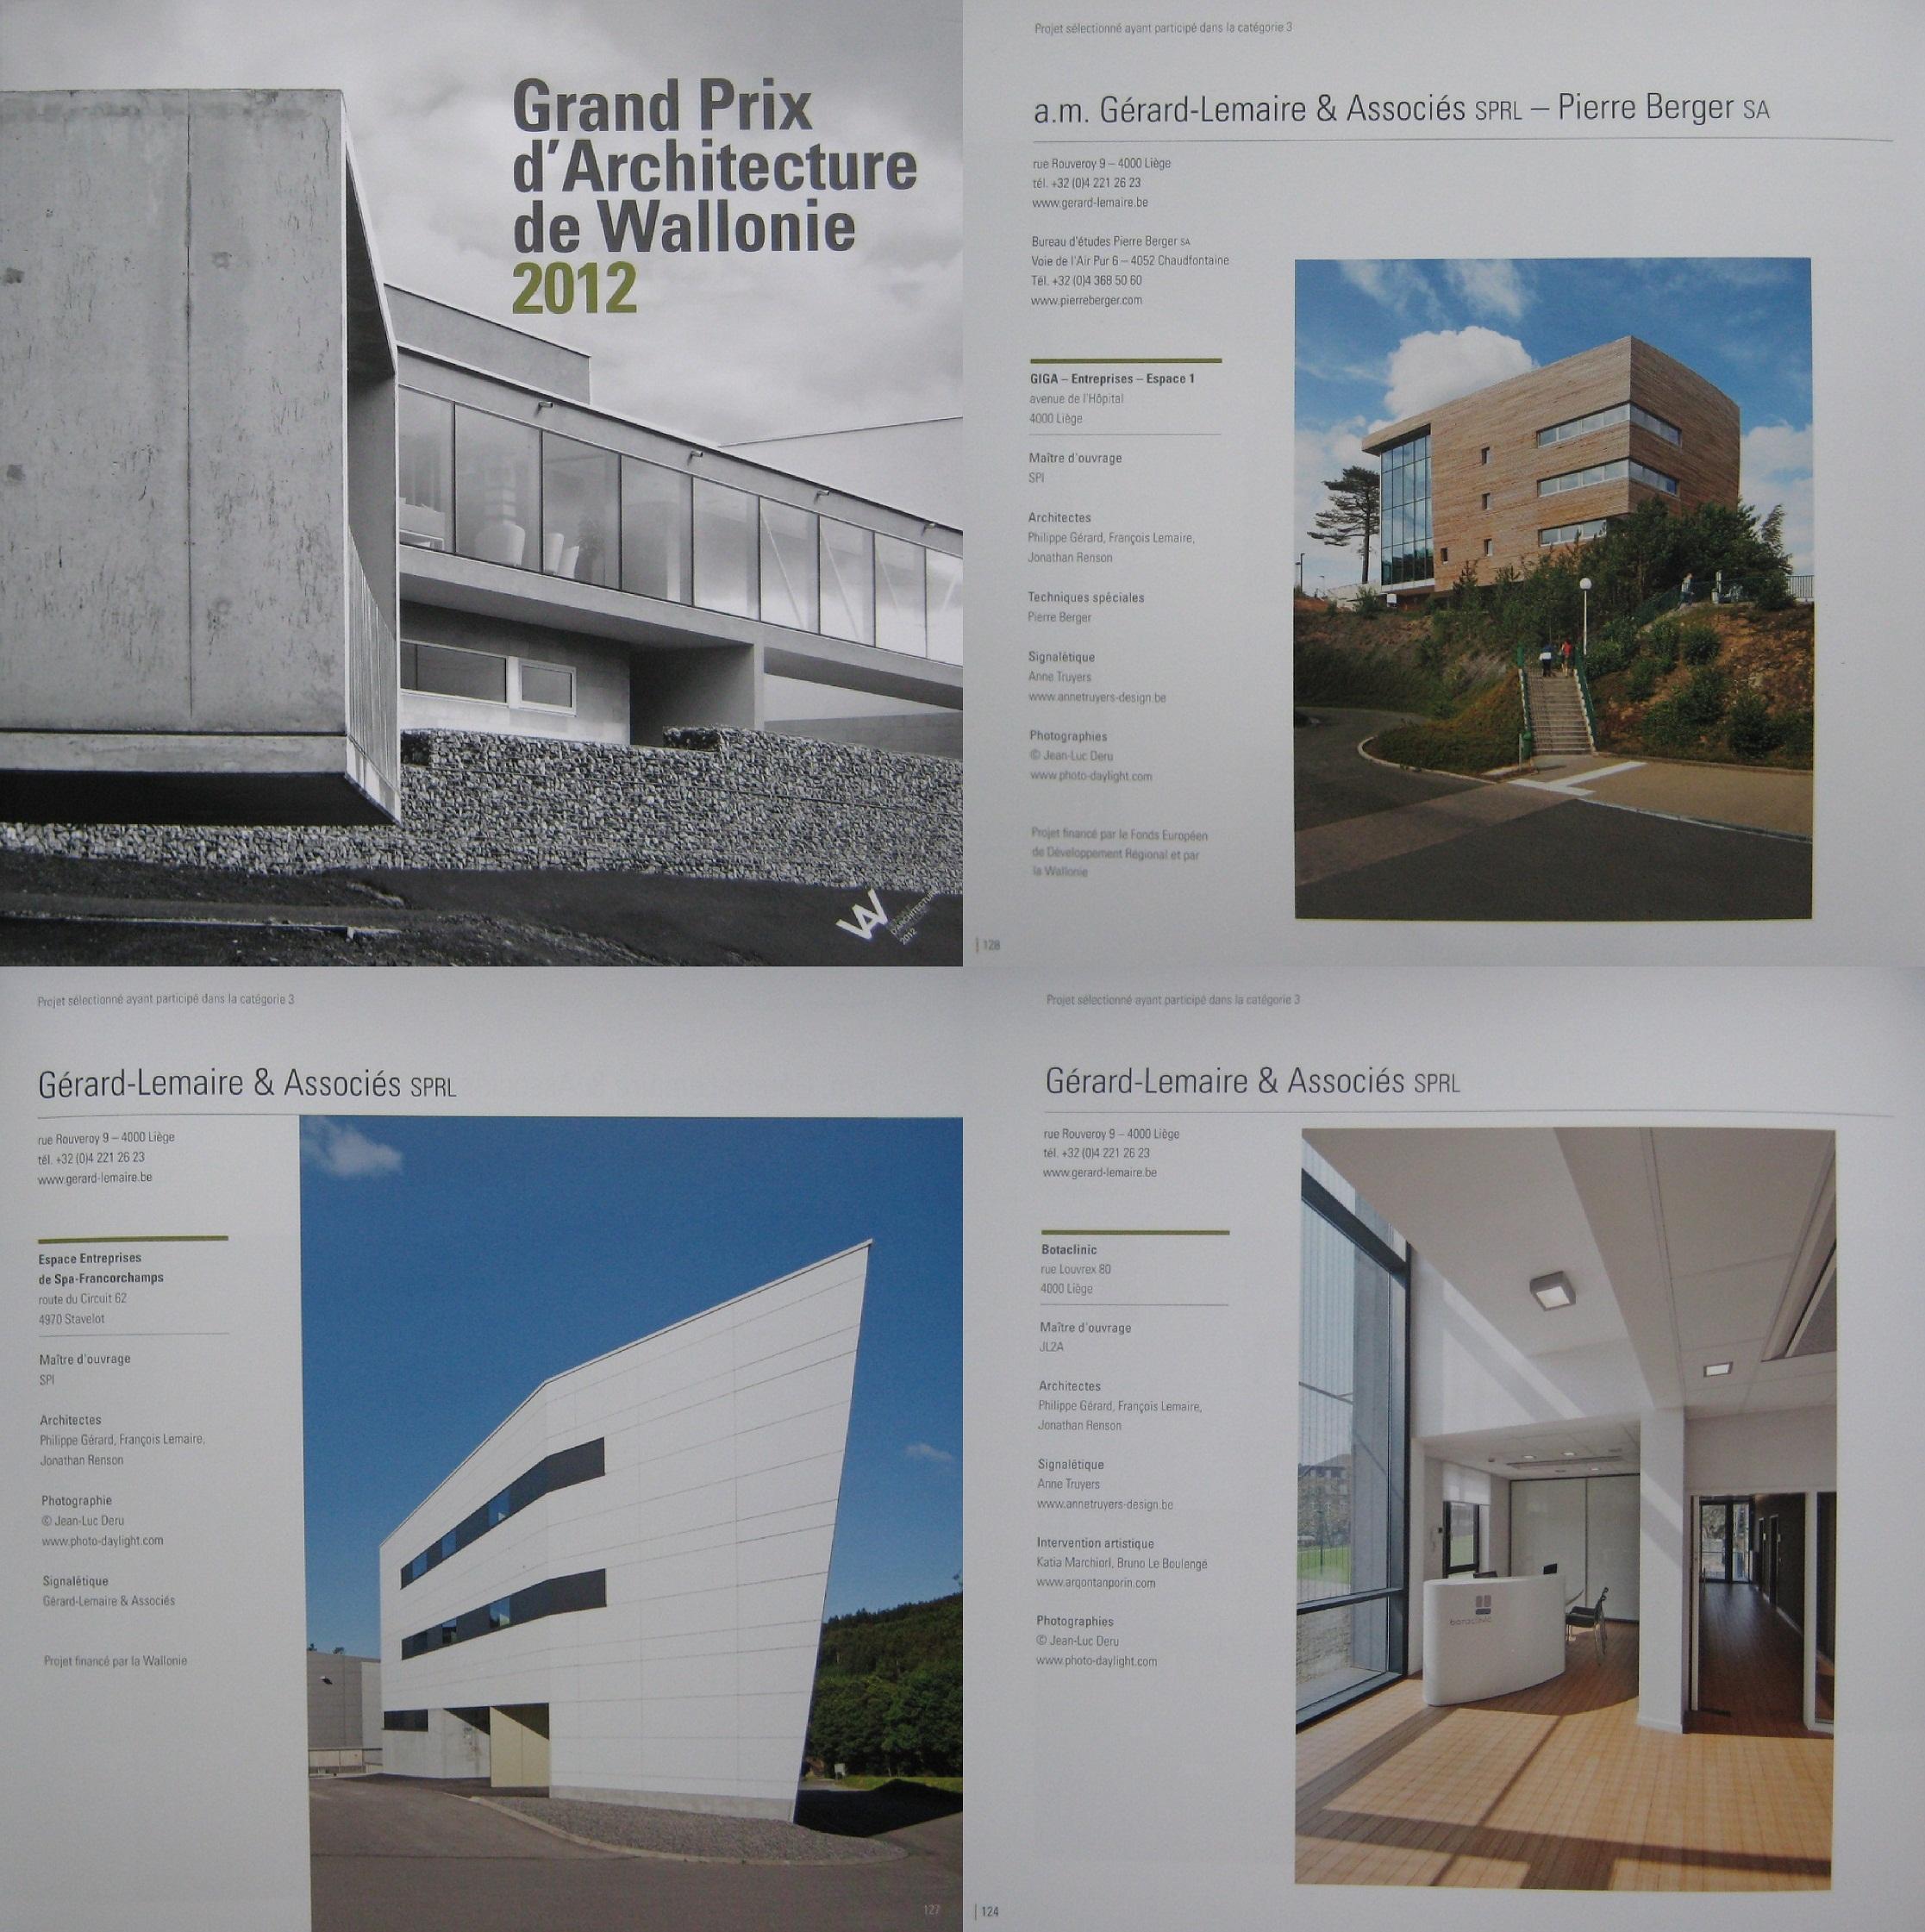 GRAND PRIX D'ARCHITECTURE DE WALLONIE 2012